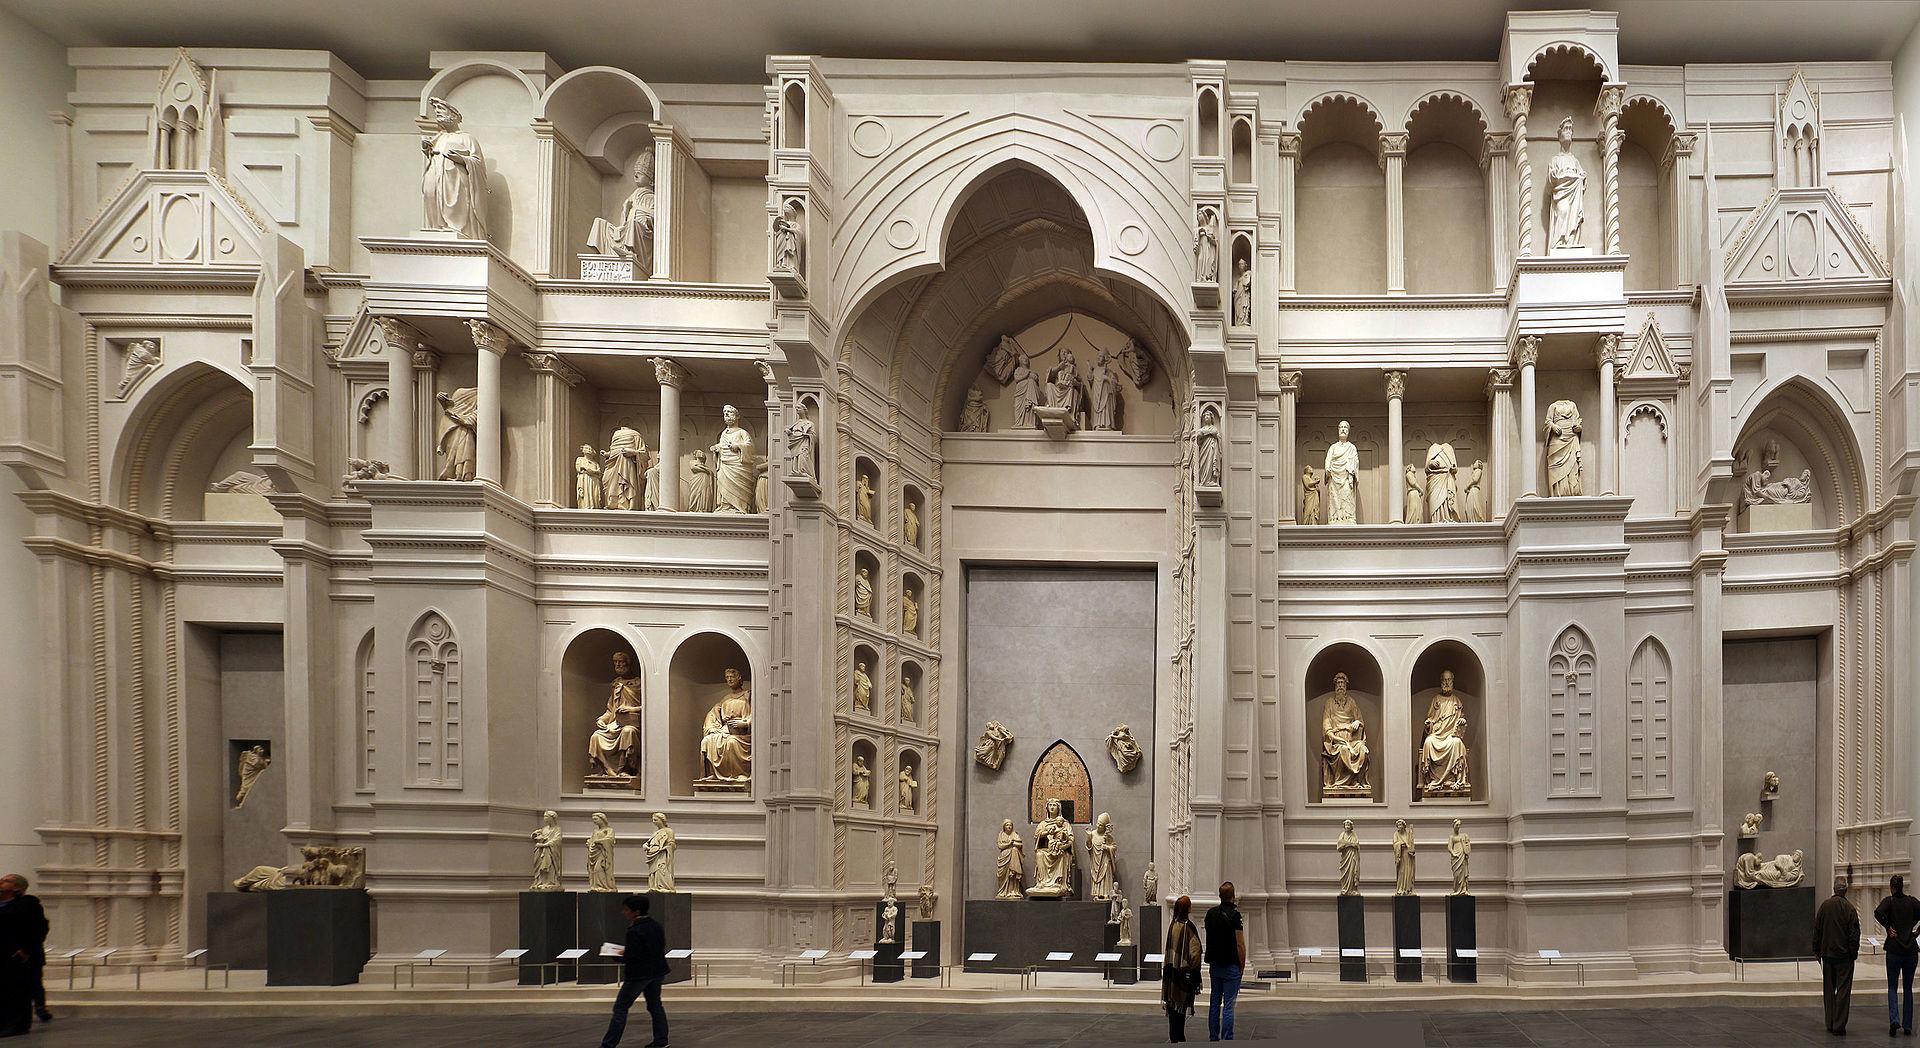 Nuovo_museo_dell'opera_del_duomo,_facciatone_arnolfiano_di_santa_maria_del_fiore,_000